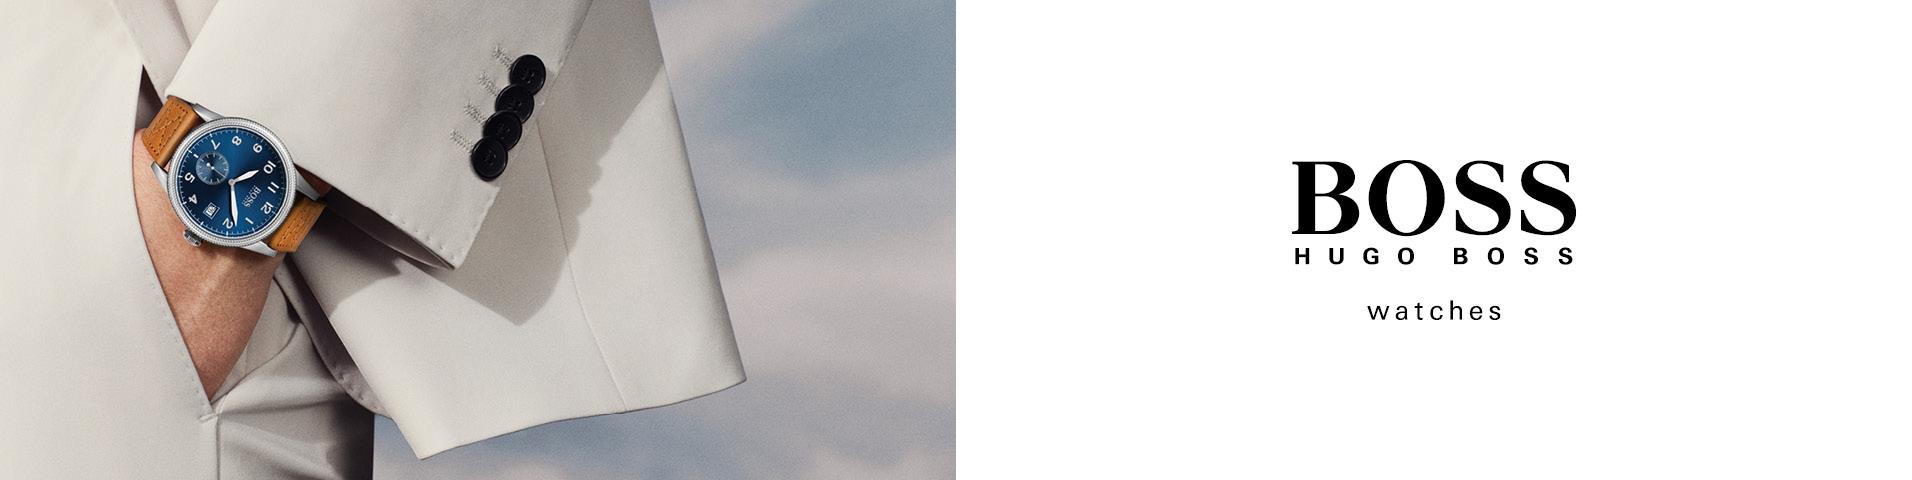 b4f9be70f3561 Zegarki męskie Hugo Boss - ponadczasowe i eleganckie dodatki w Zalando